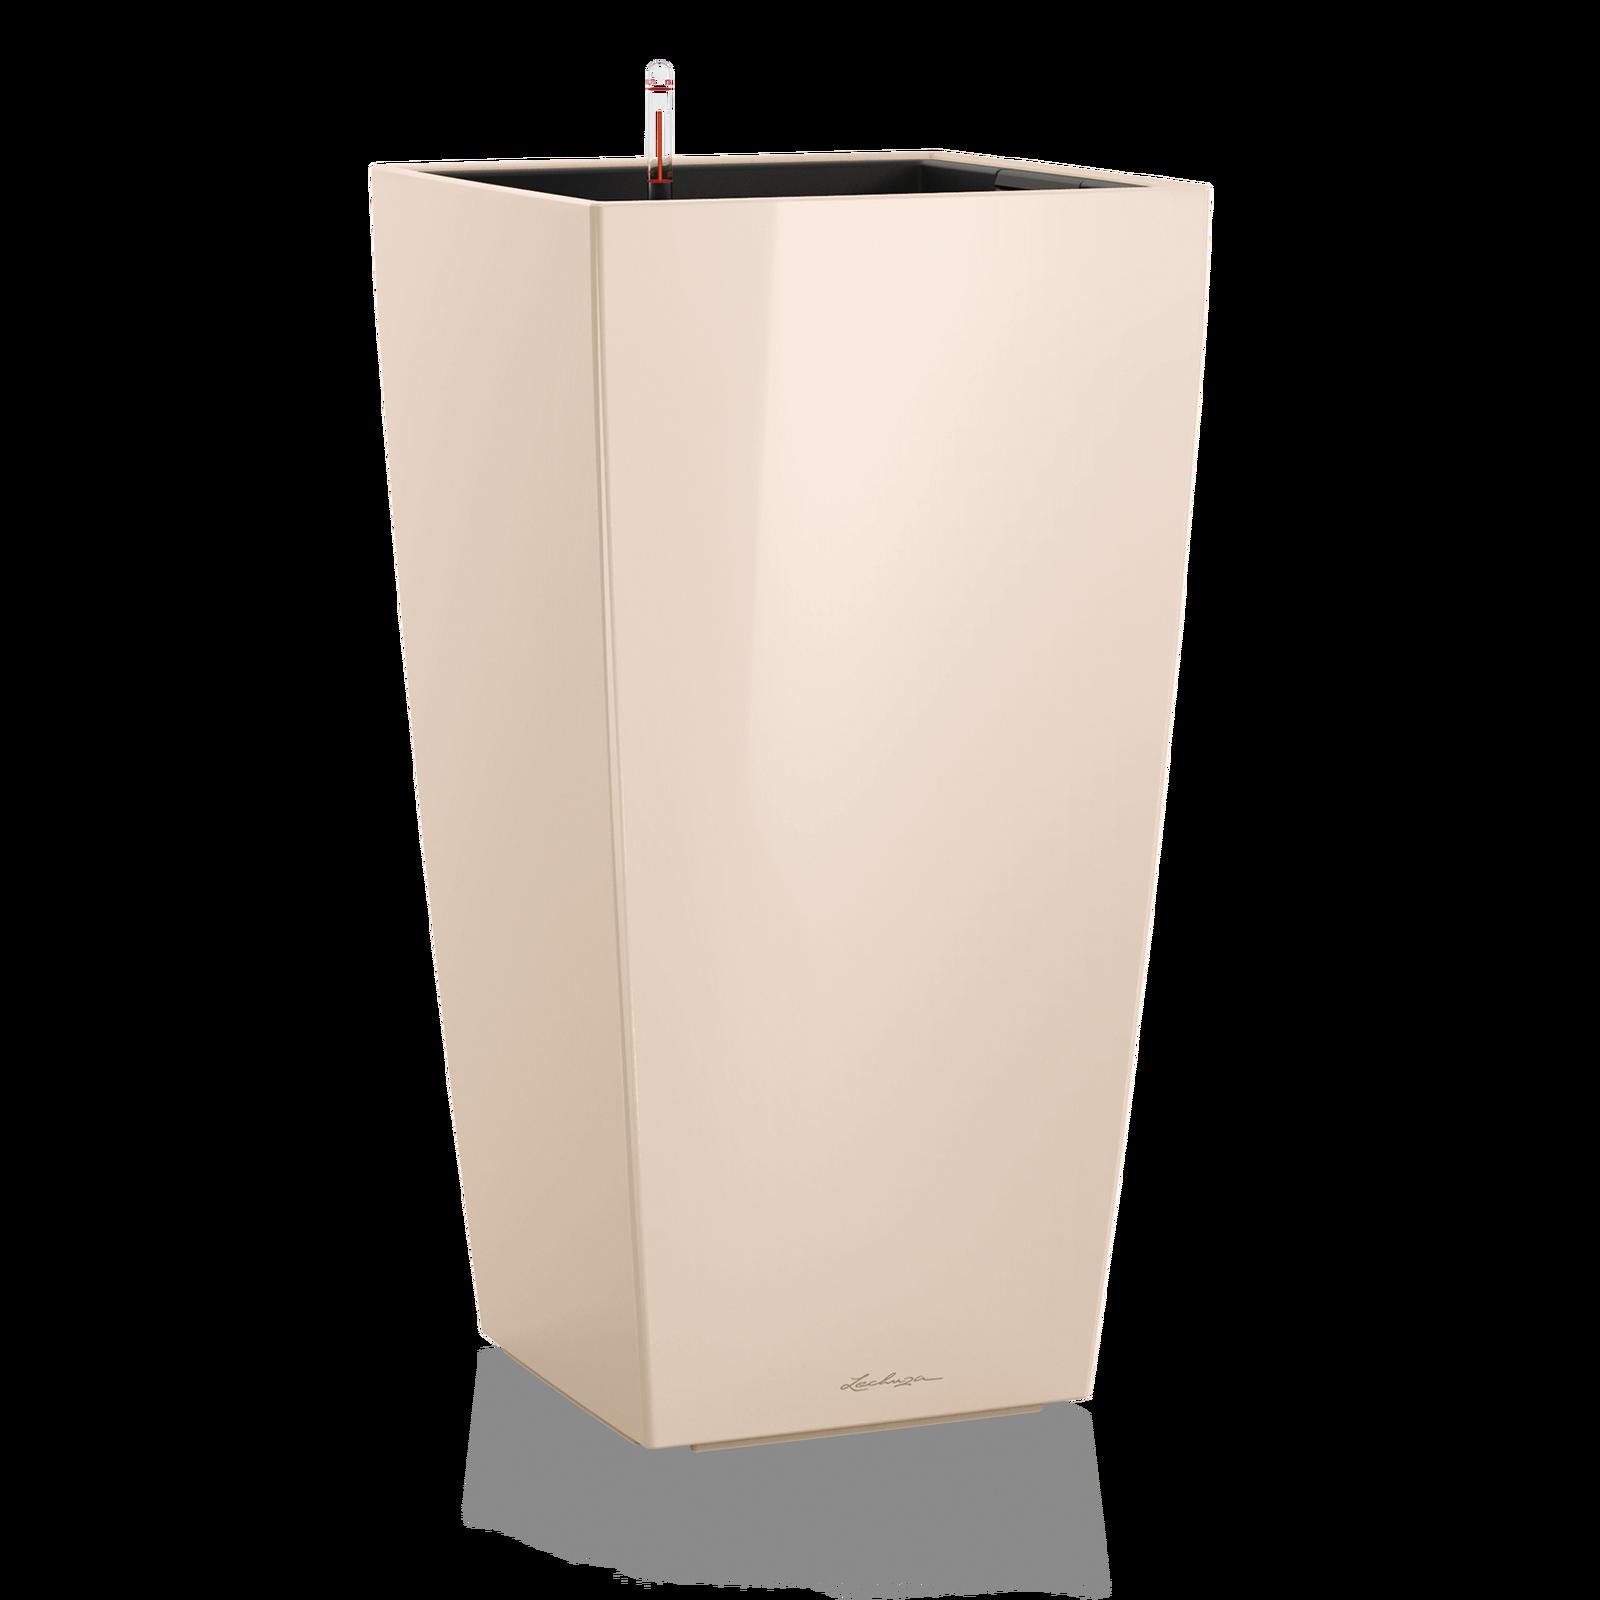 Кашпо кубико пастельно-бежевого цвета с системой автополива